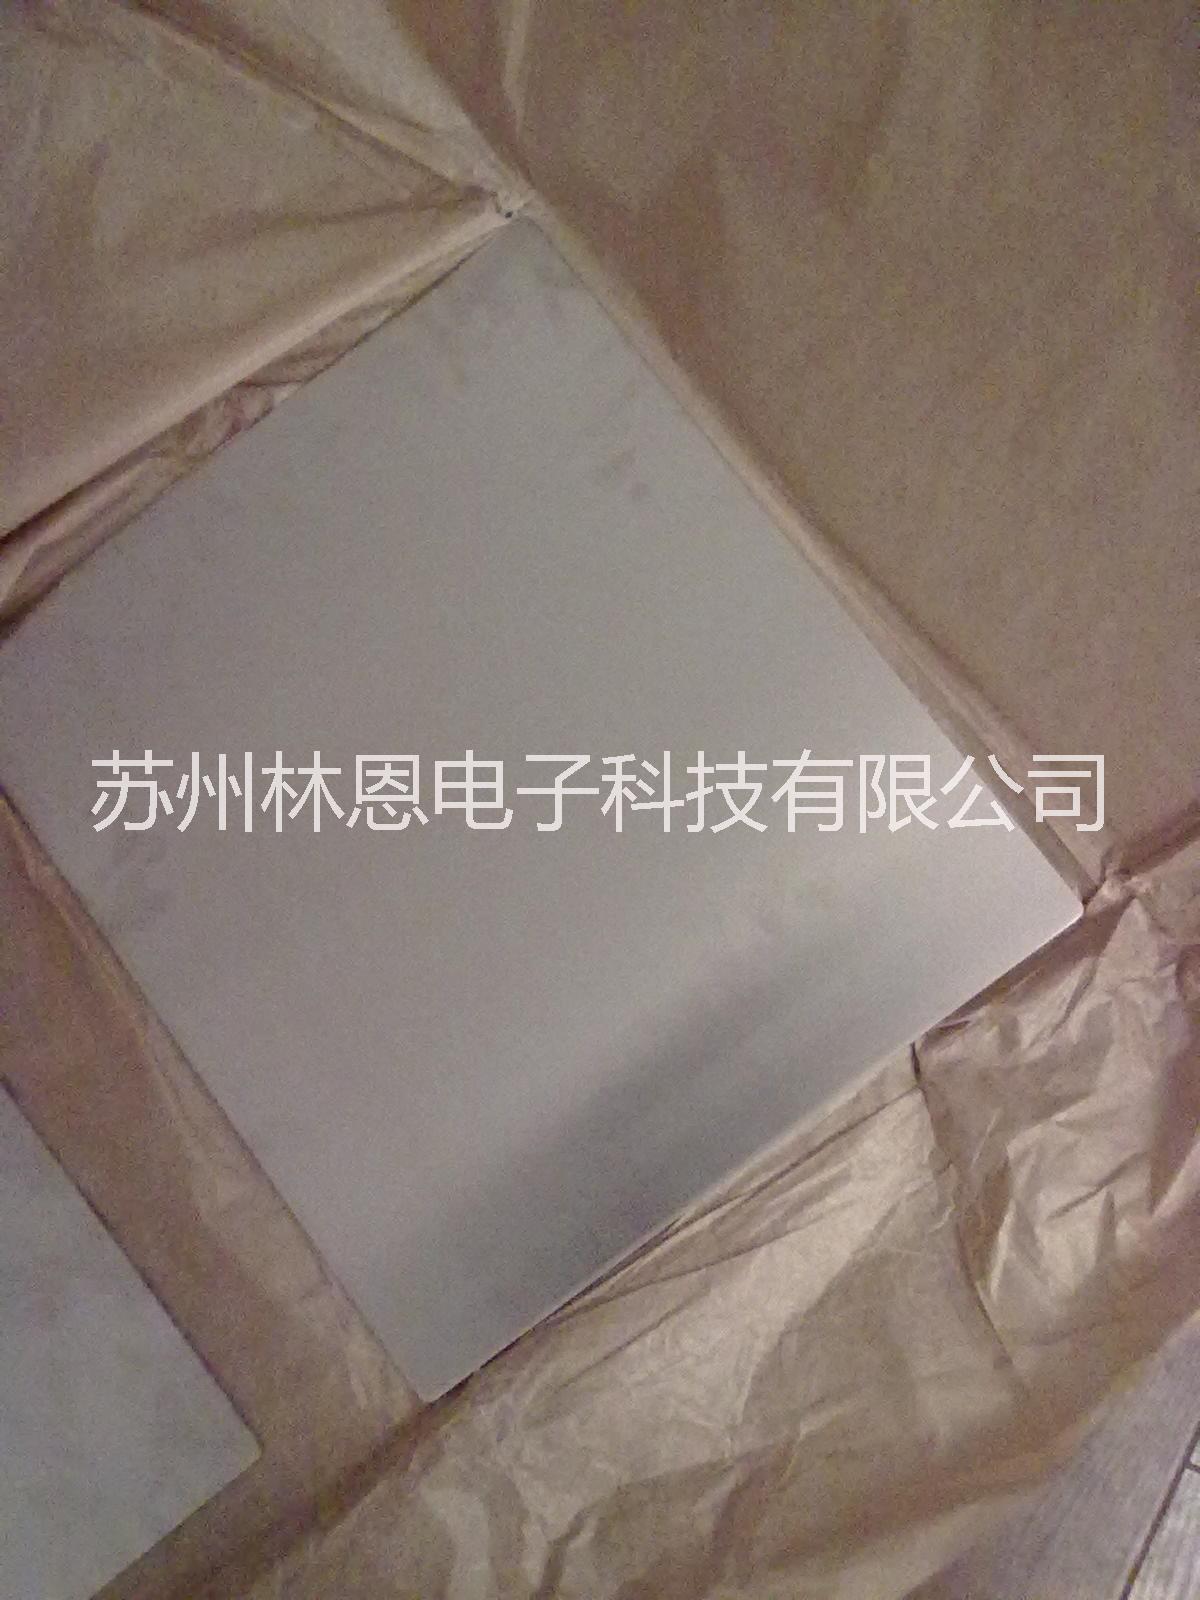 供应钢板/烧付铁板/层压钢板  苏州林恩电子科技有限公司